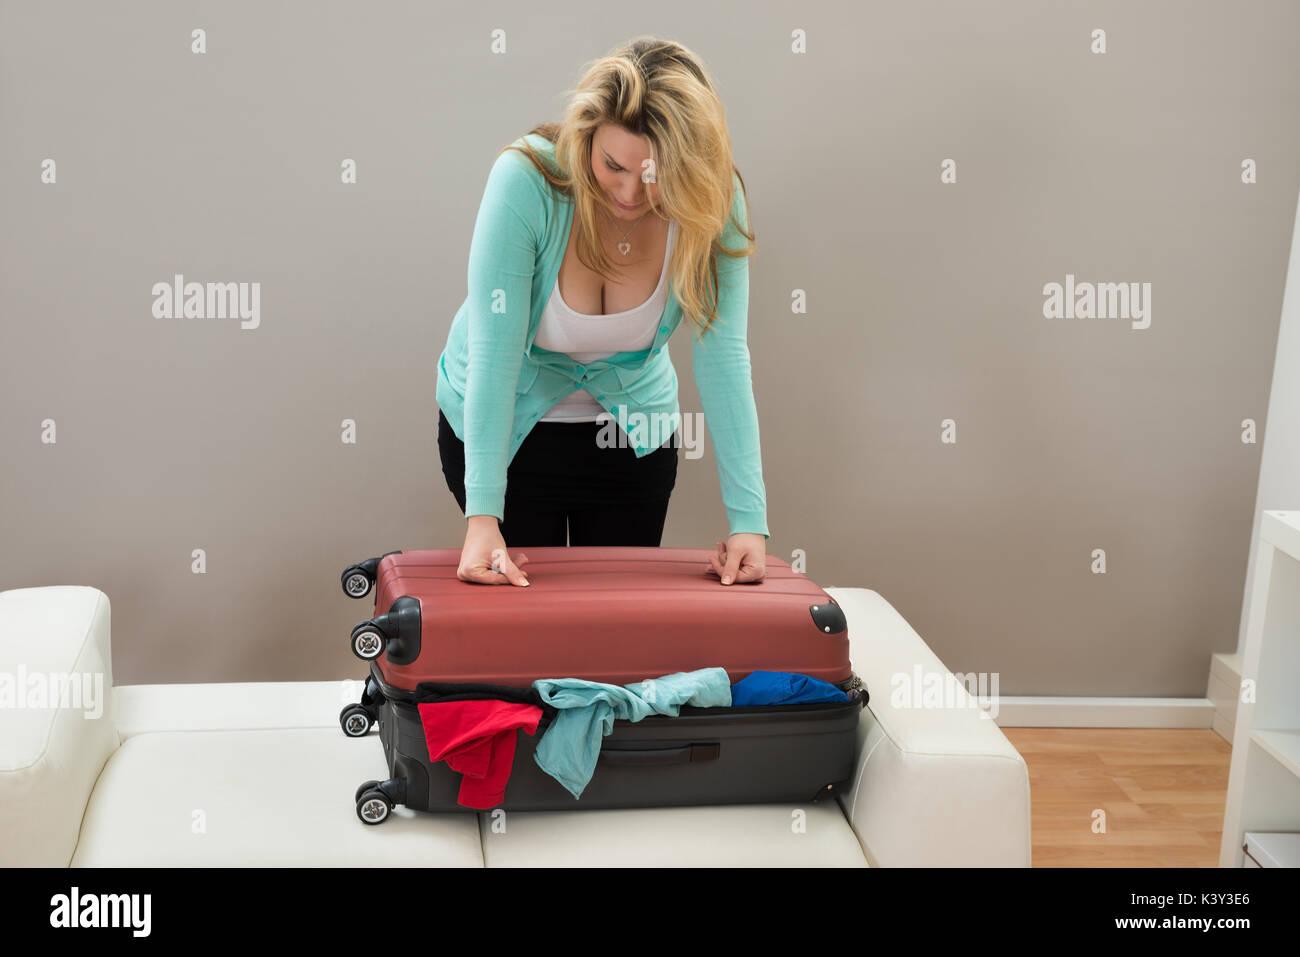 Mujer intentando cerrar la maleta en exceso la habitación Imagen De Stock